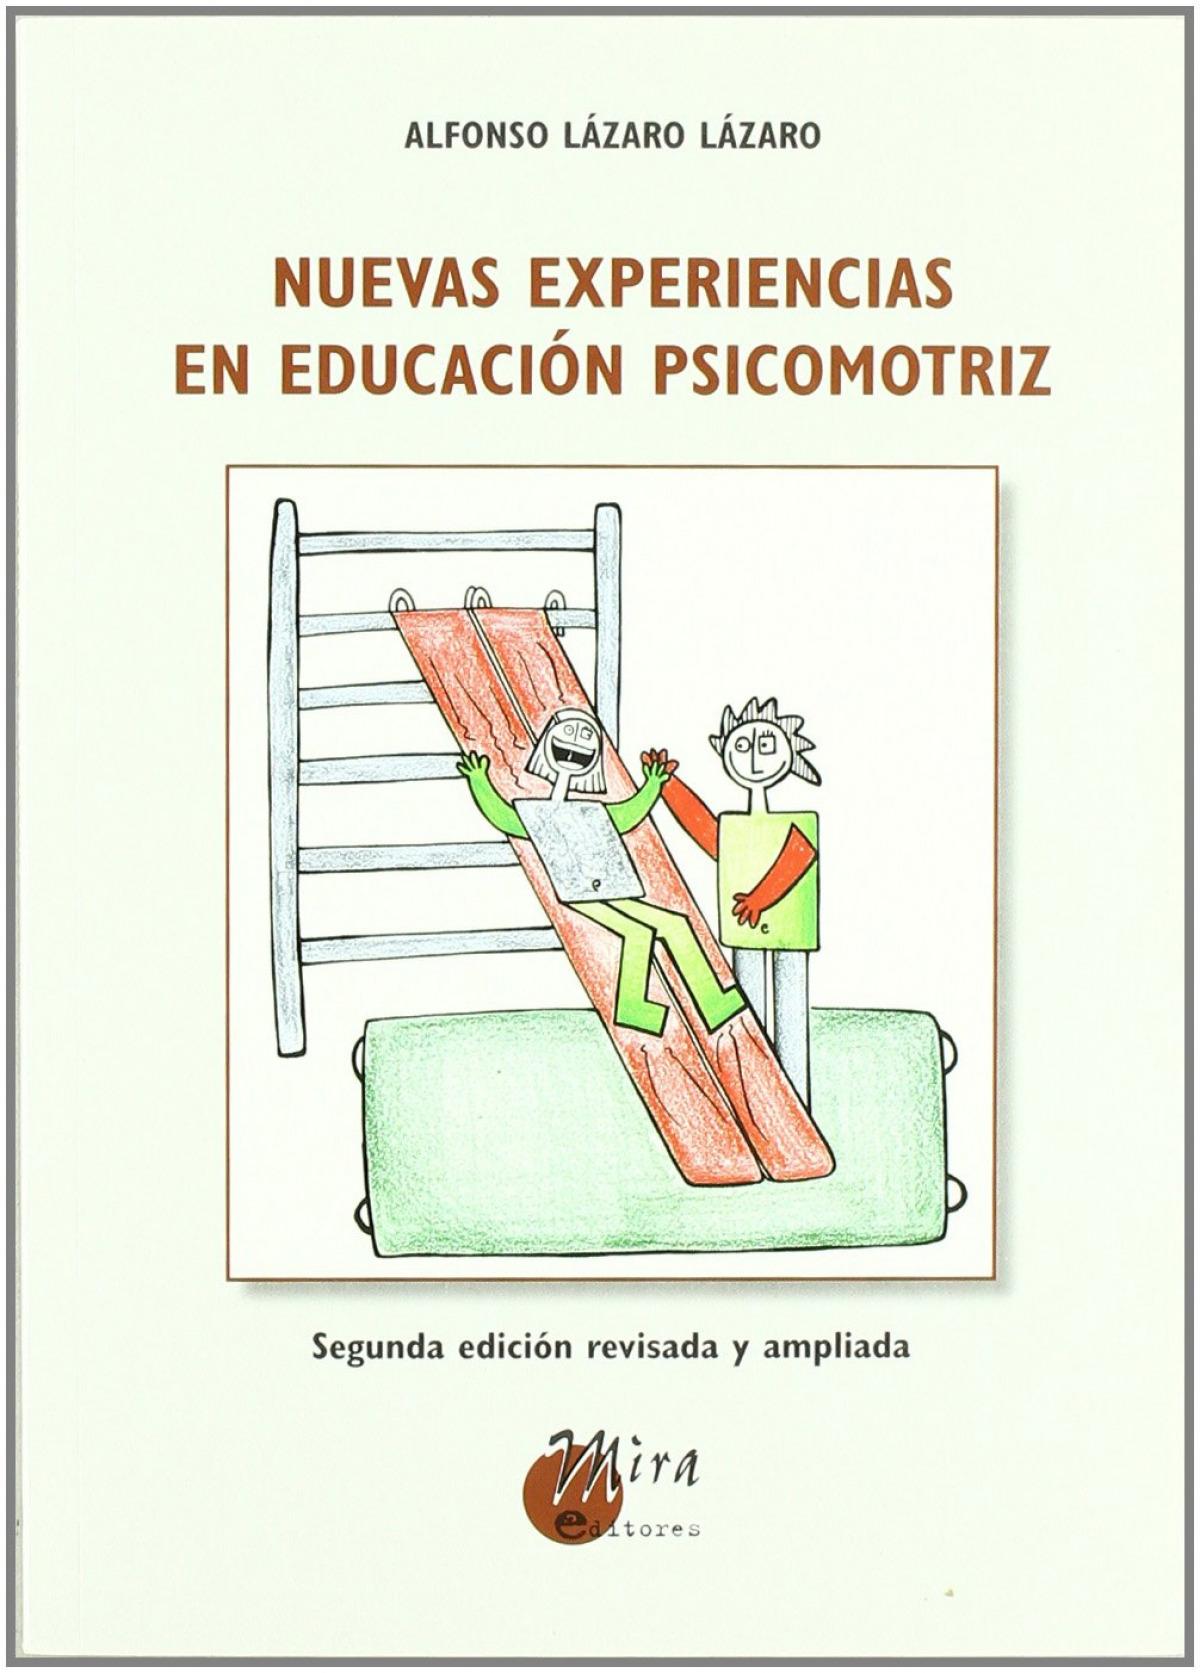 Nuevas experiencias en educación psicomotriz